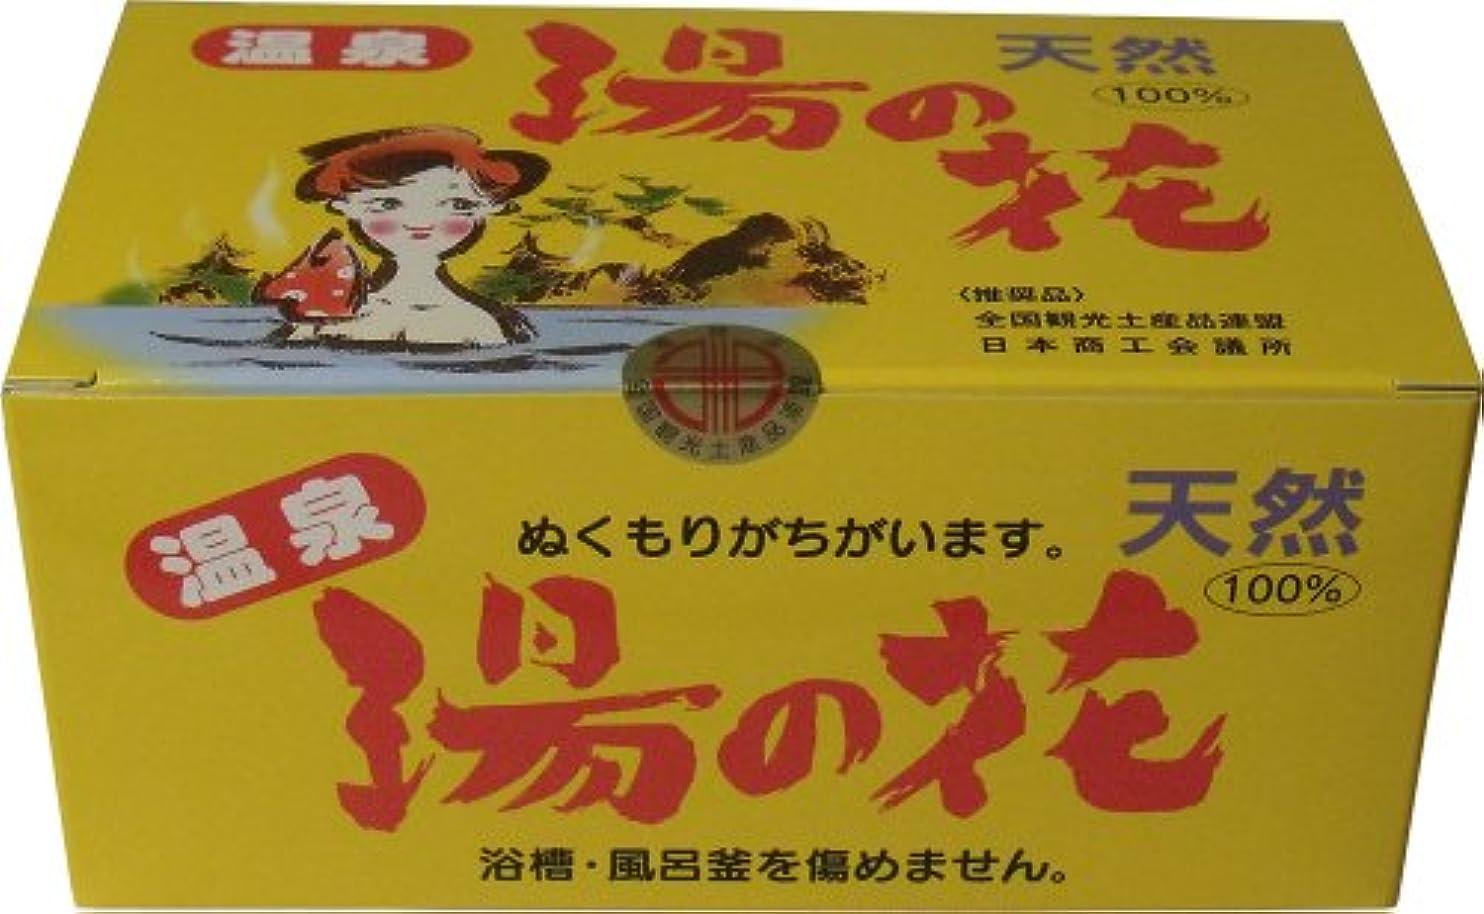 コーラス取り出す味付け天然湯の花 徳用箱入 HF25 15g×25袋入 ×10個セット